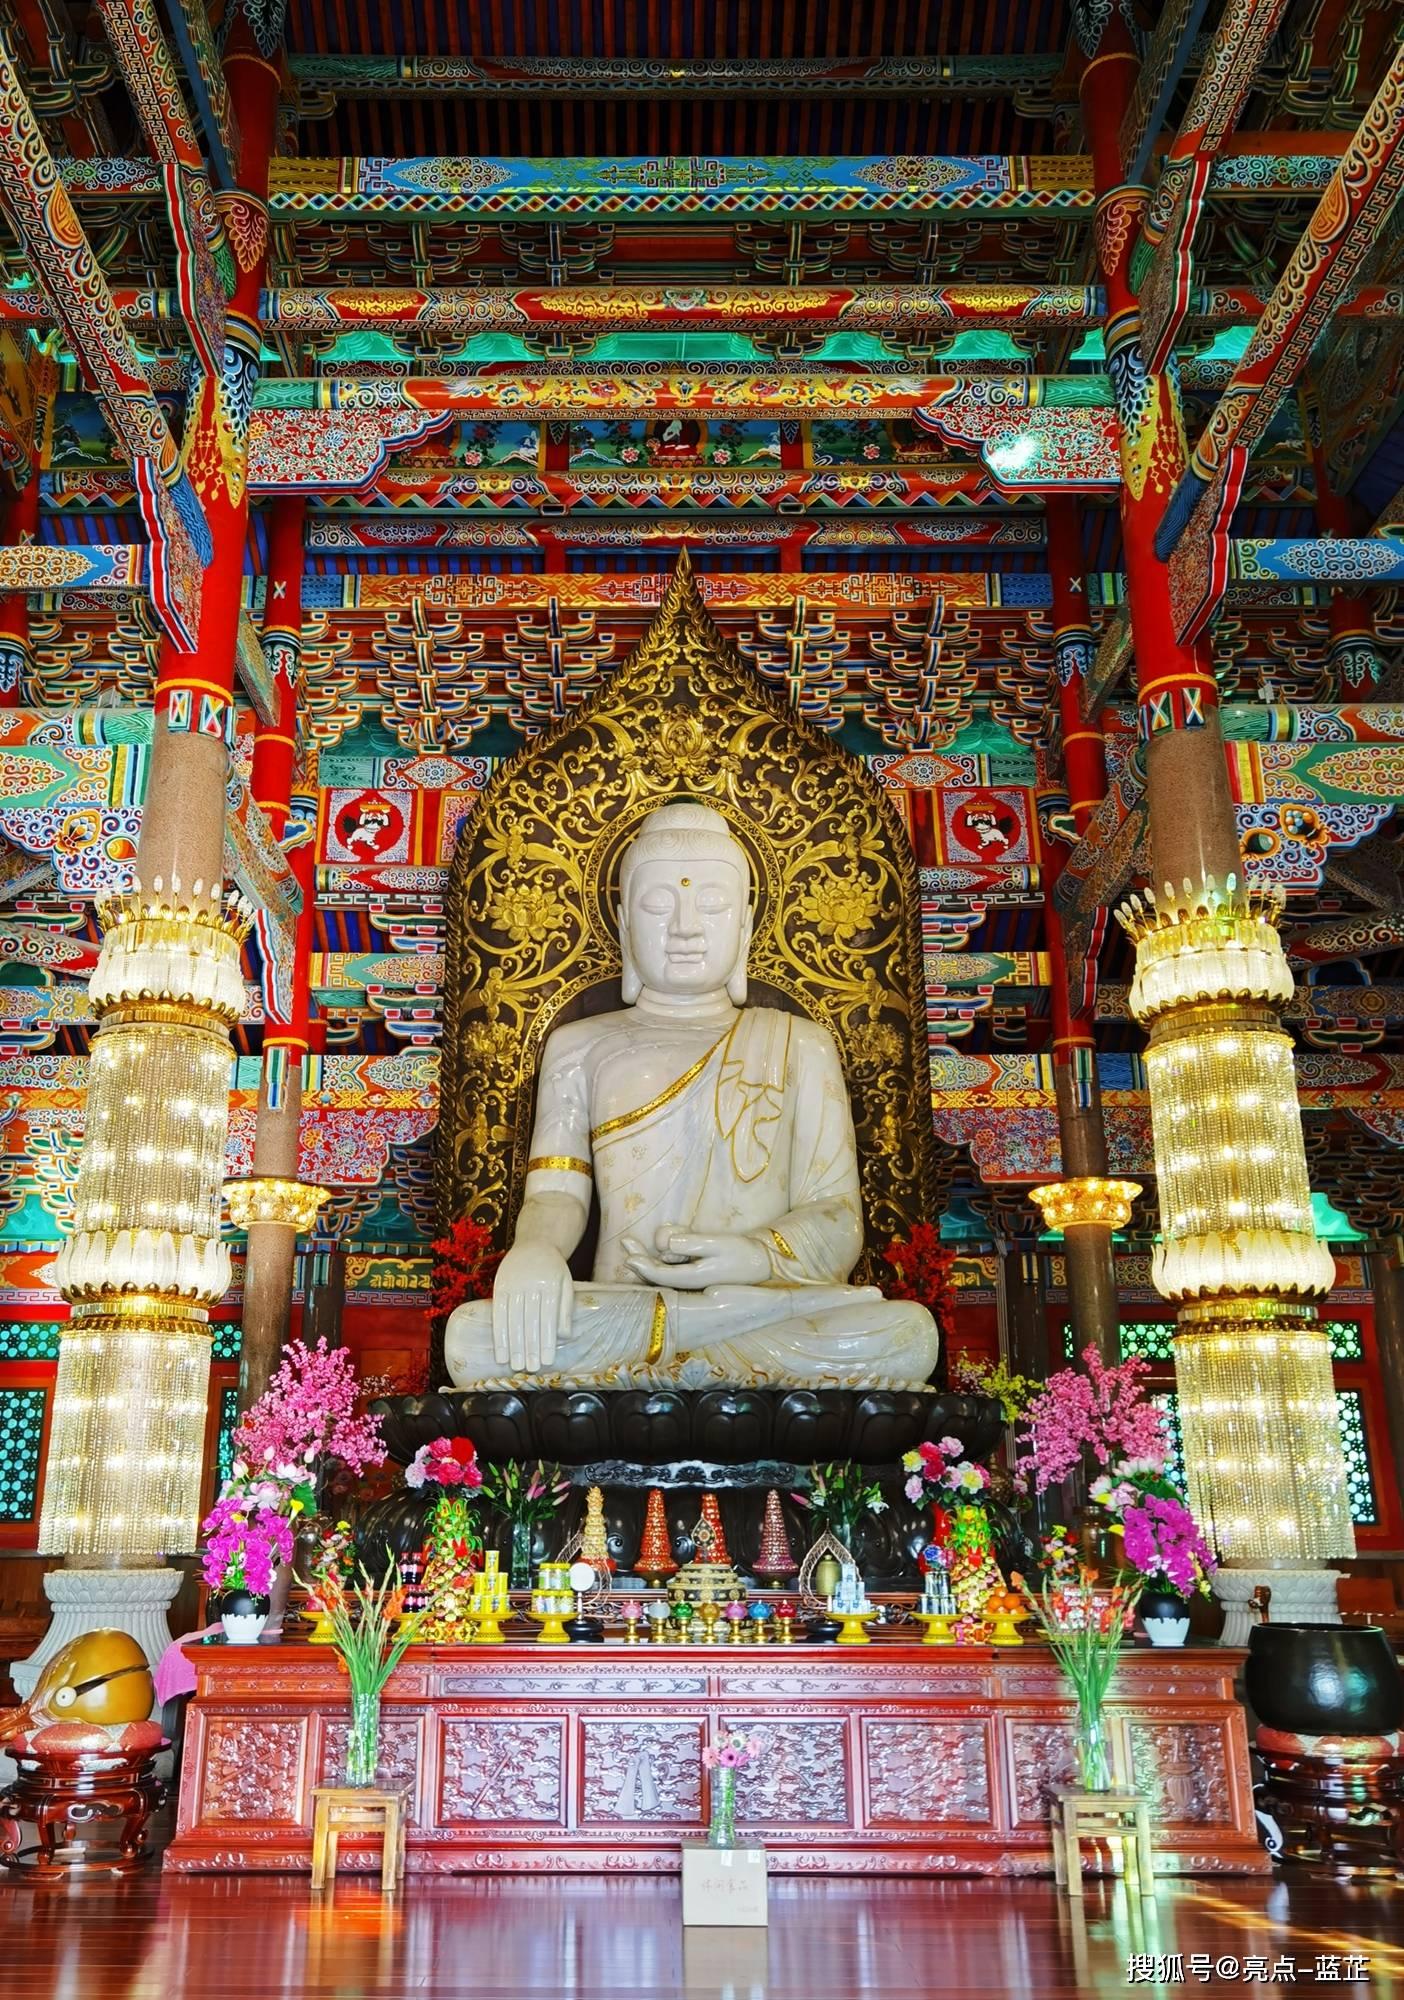 了不起的梅山寺,拥有两个国内之最——石质山门、缅甸白玉佛像  第6张